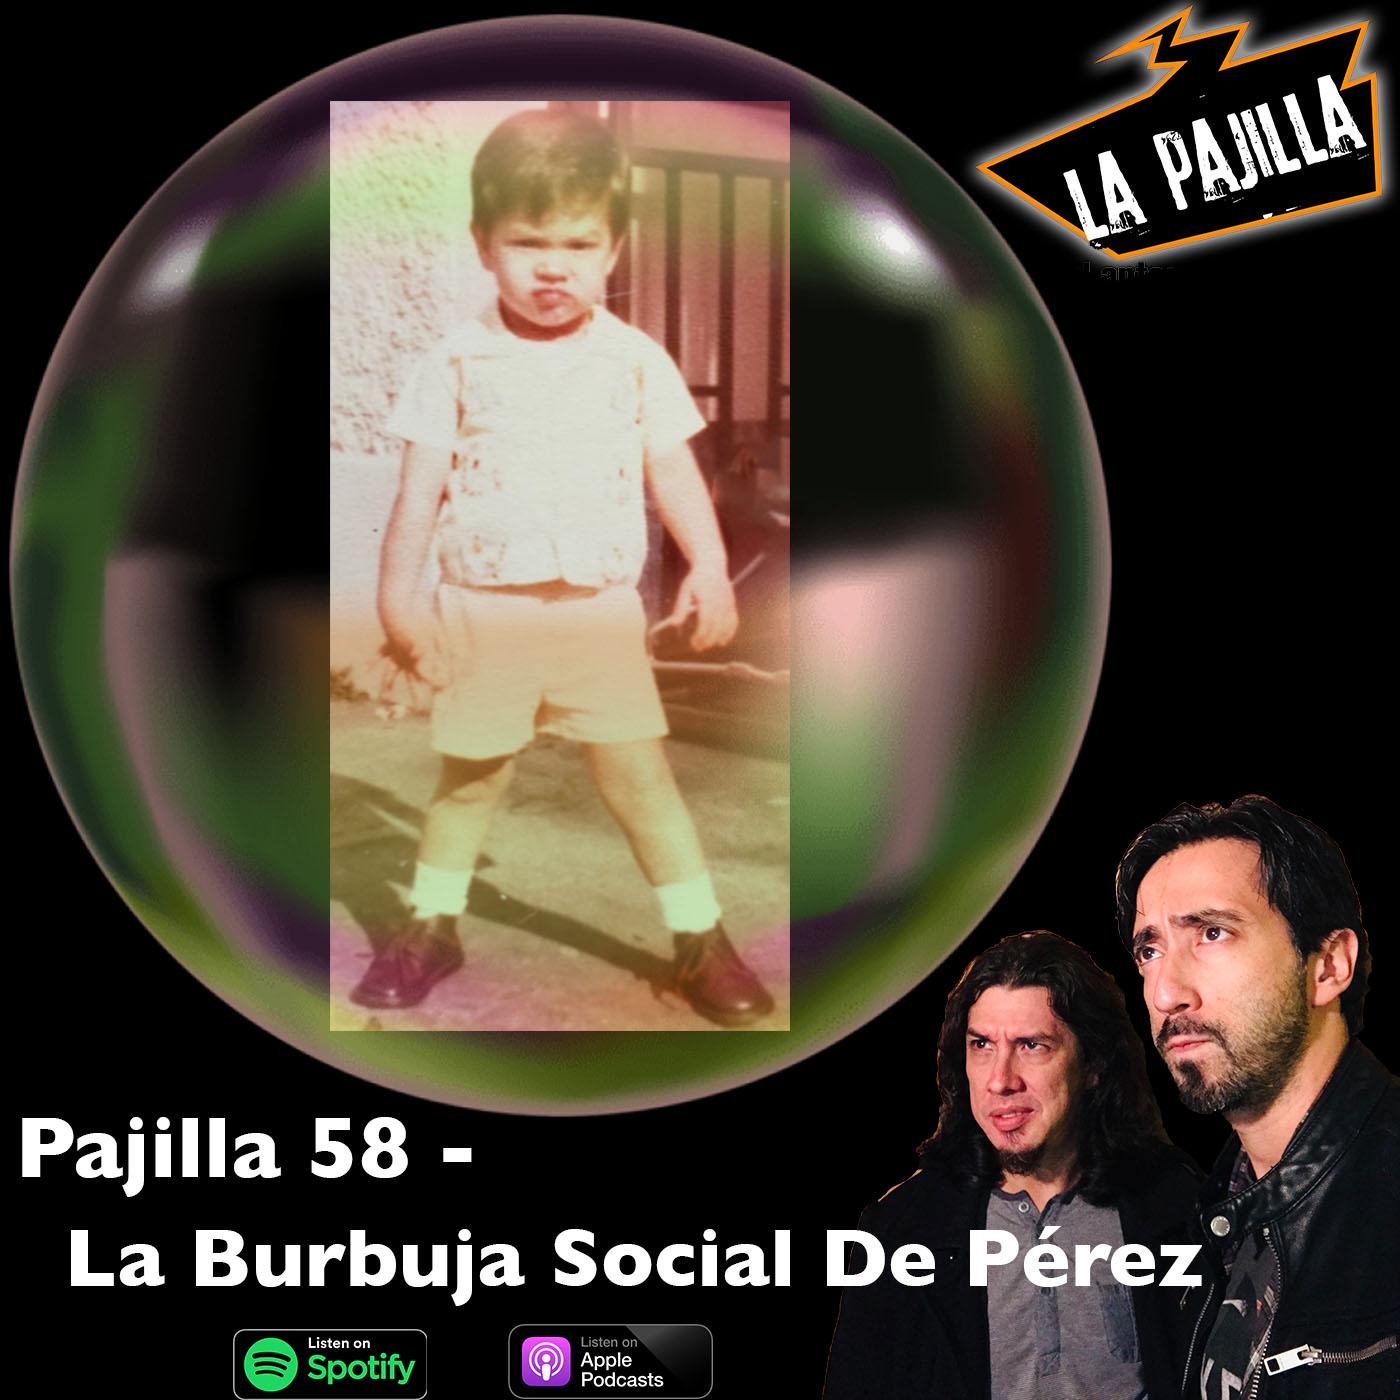 La Paja Nocturna Podcast CR Pajilla 58